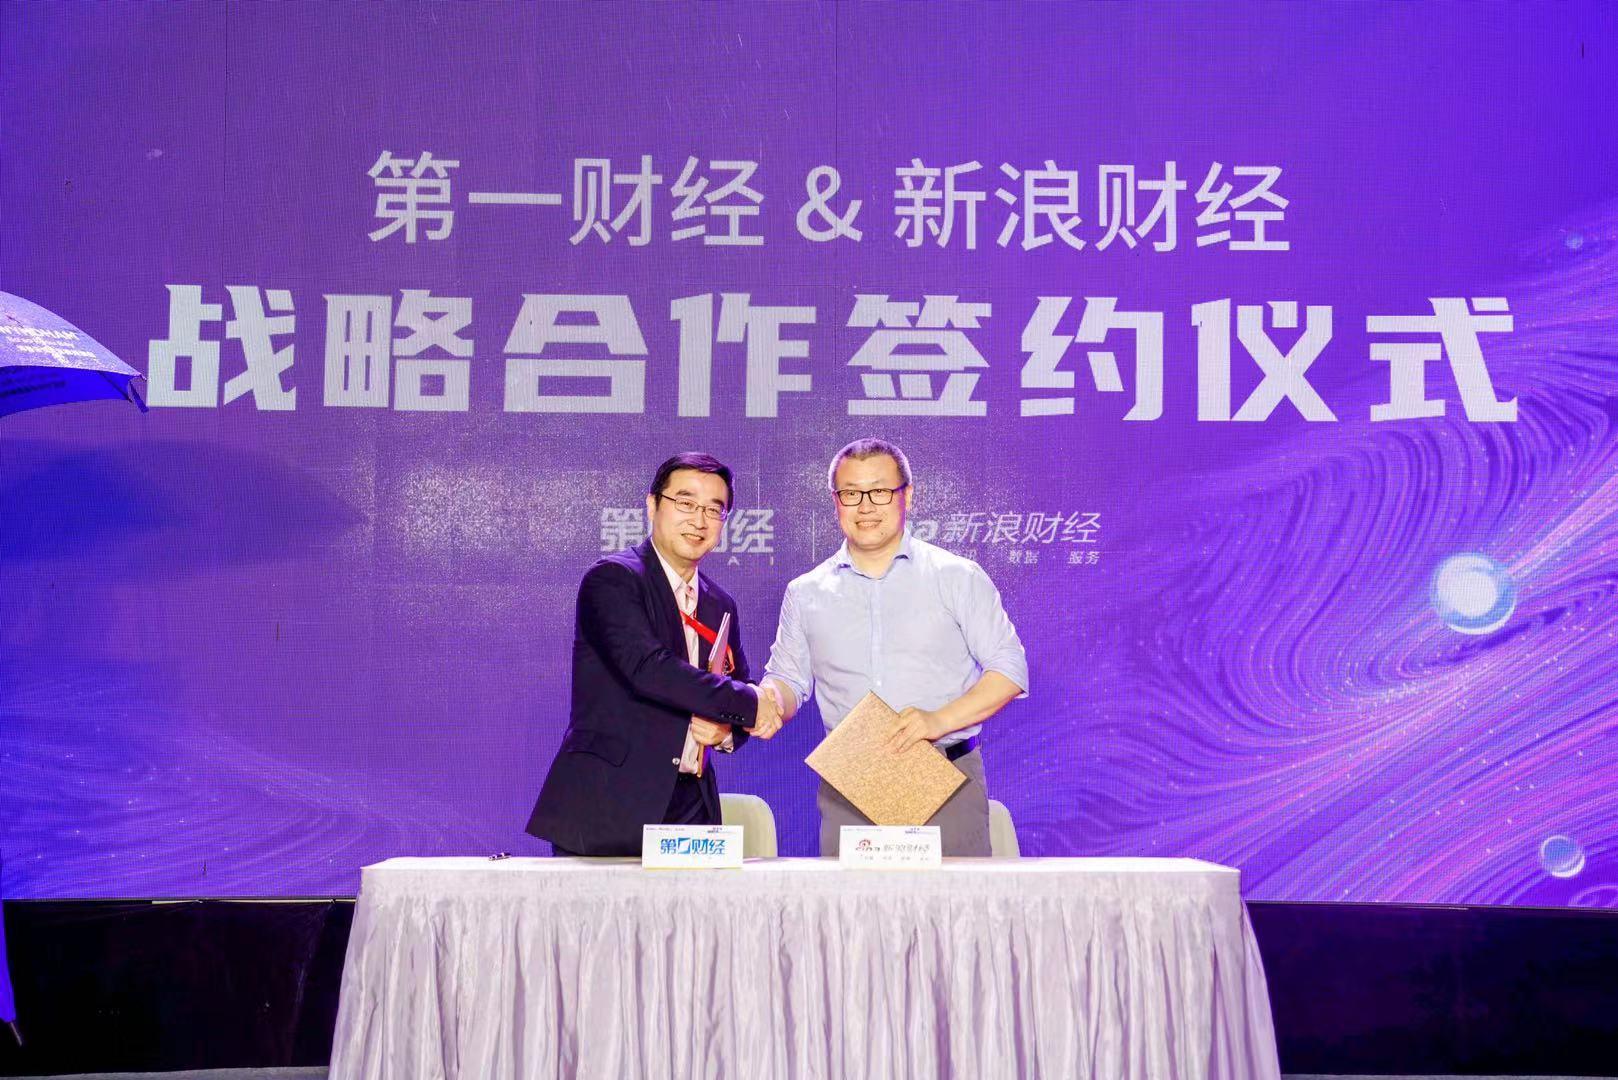 第一财经总经理陈思劼(左)、新浪财经CEO邓庆旭(右)